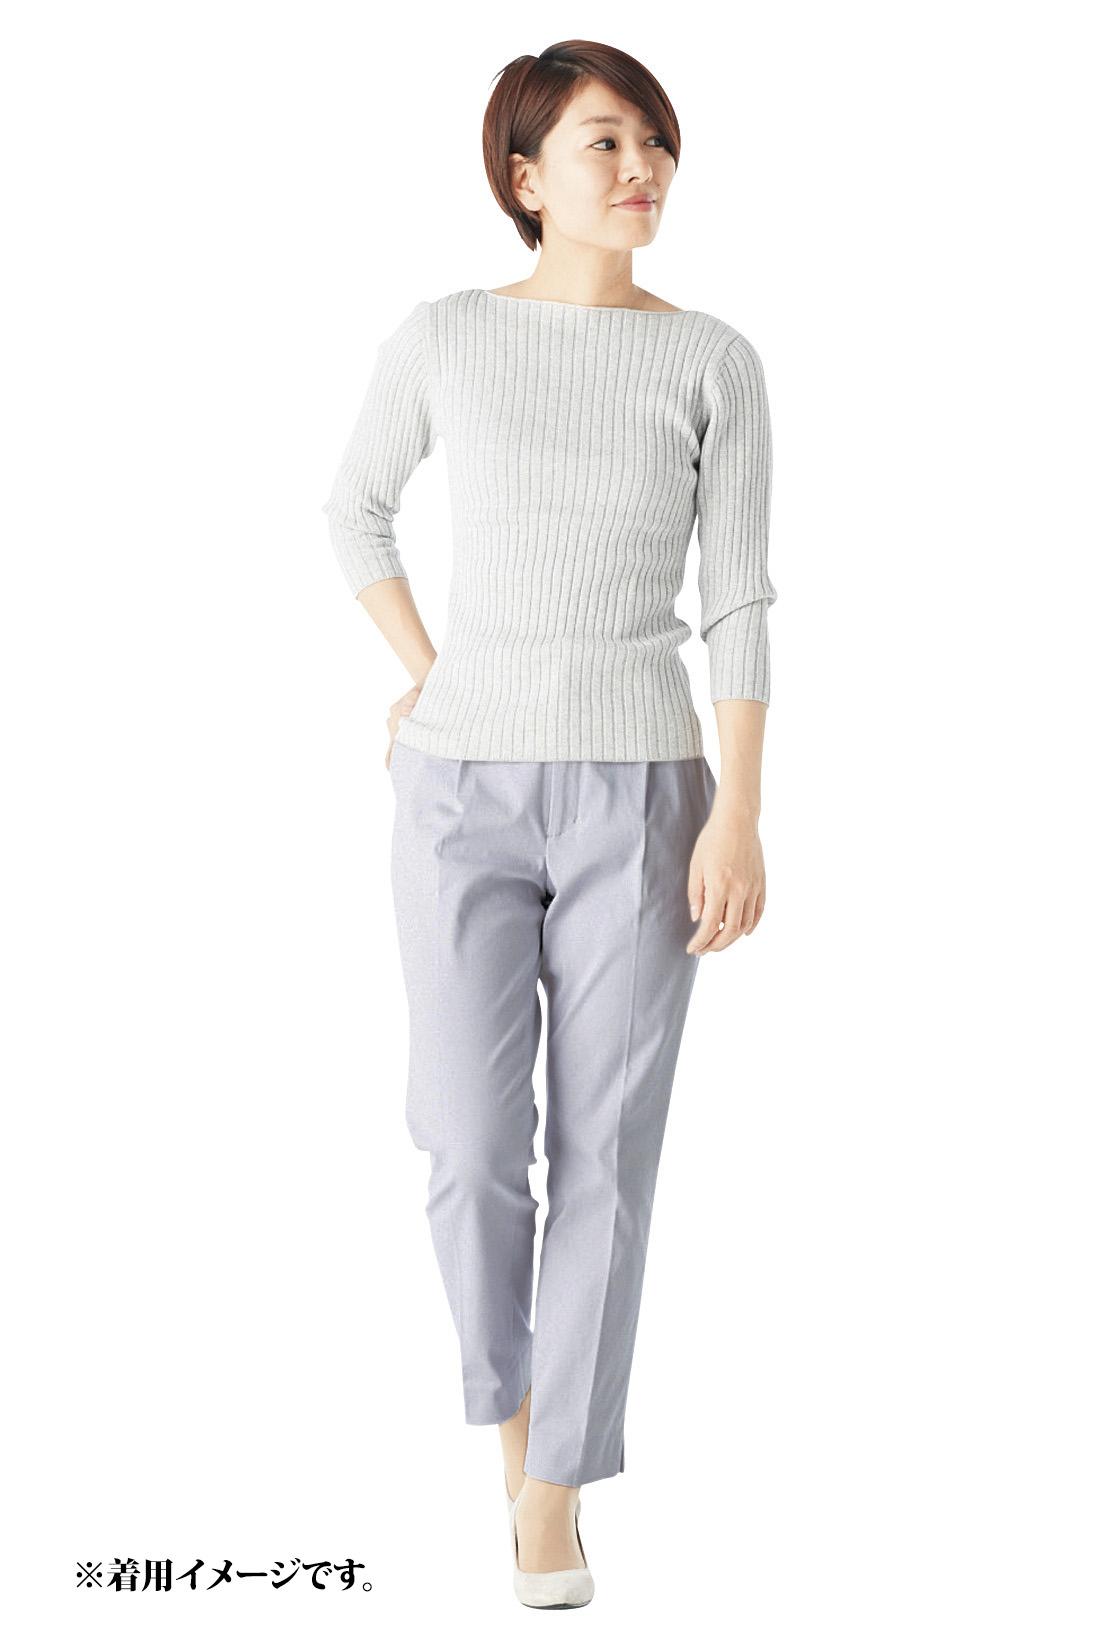 丈感の参考に。(スタッフ着用 身長:158cm 着用サイズ:M)※着用イメージです。お届けするカラーとは異なります。